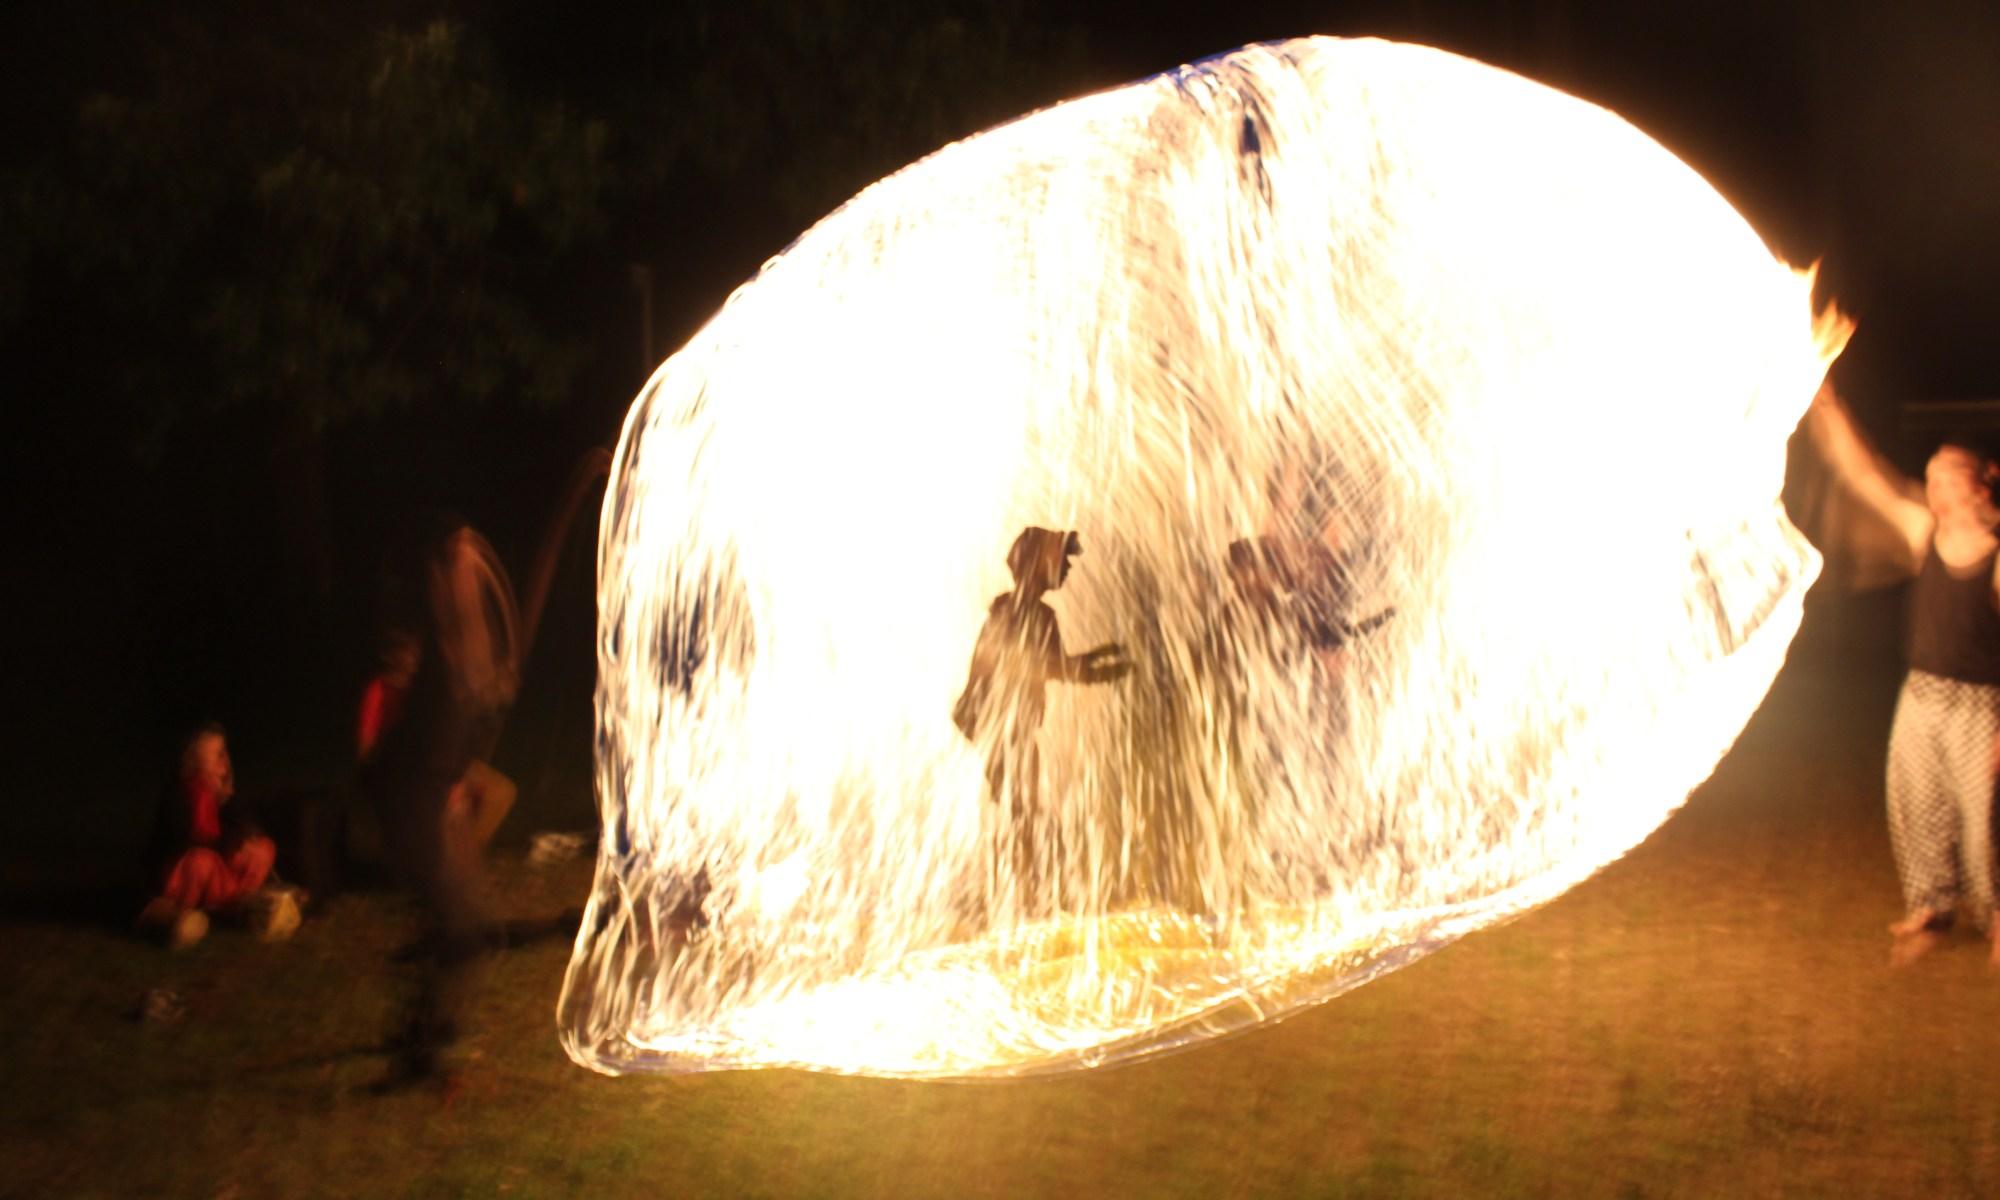 Feuersilhouette